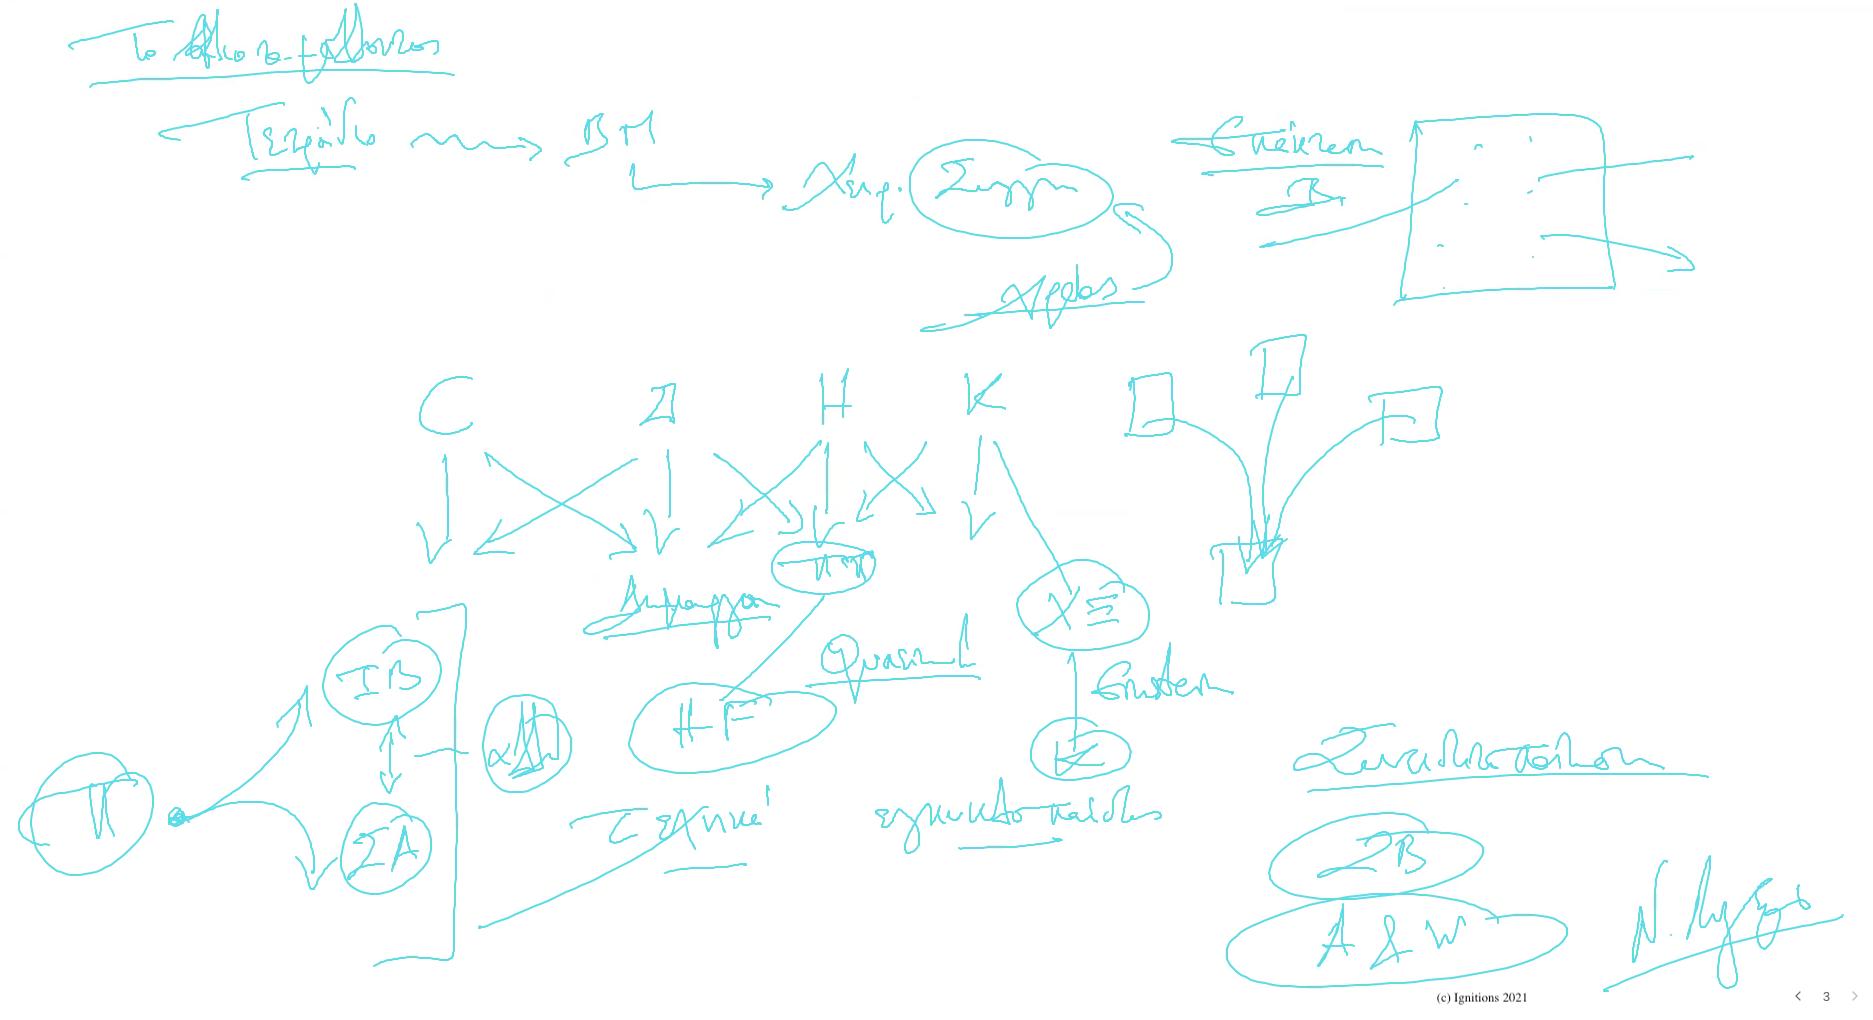 57732 - e-Μάθημα II: Το δίκτυο της Ανθρωπότητας. (Dessin)